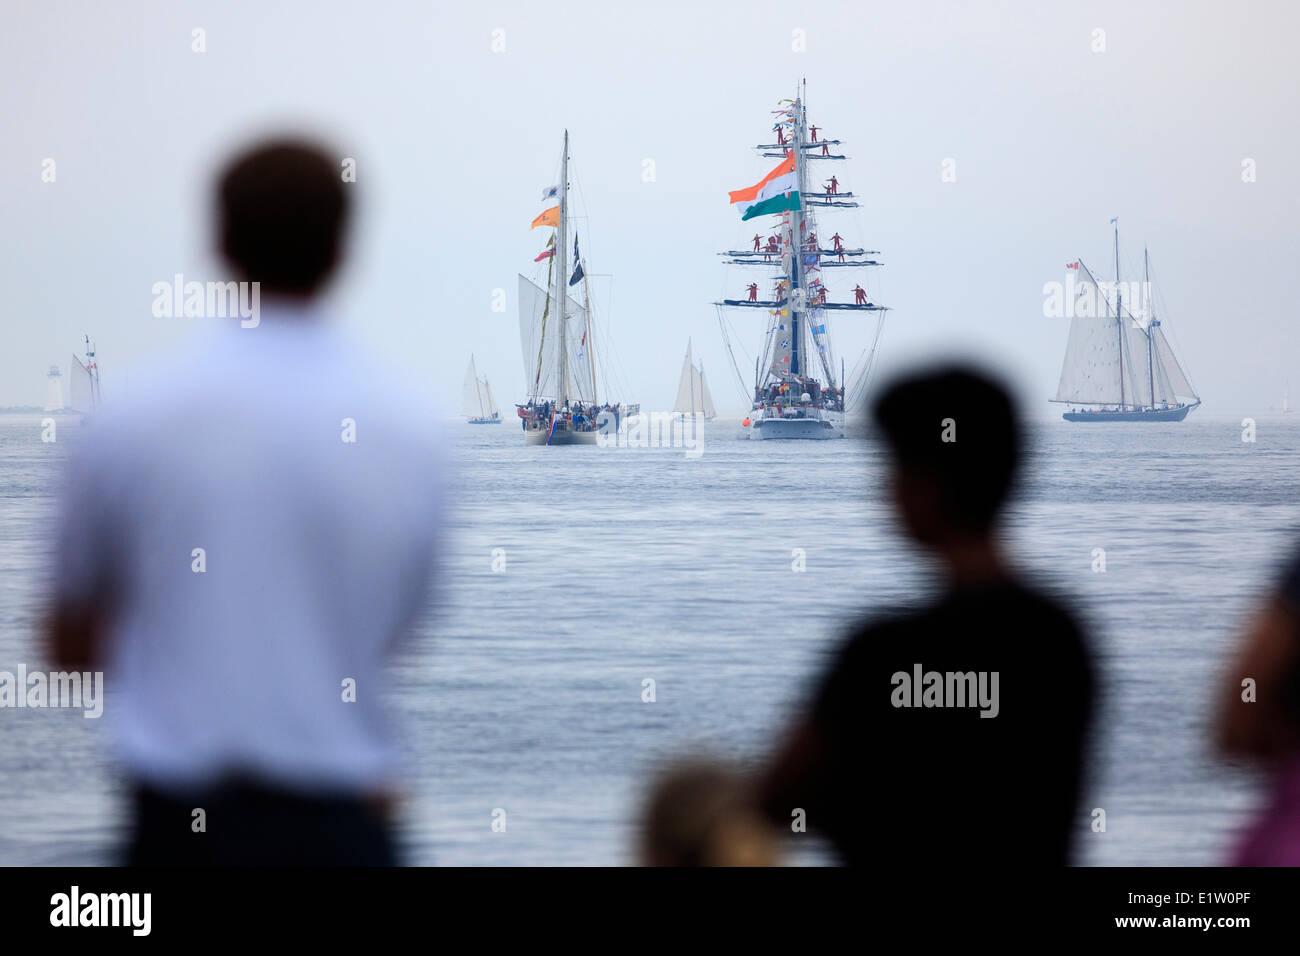 Segelschiffe Kopf ins Meer, als Menschen zu, die Parade der Segelschiffe Abschluss des 2007 groß Schiffe Festivals Stockbild